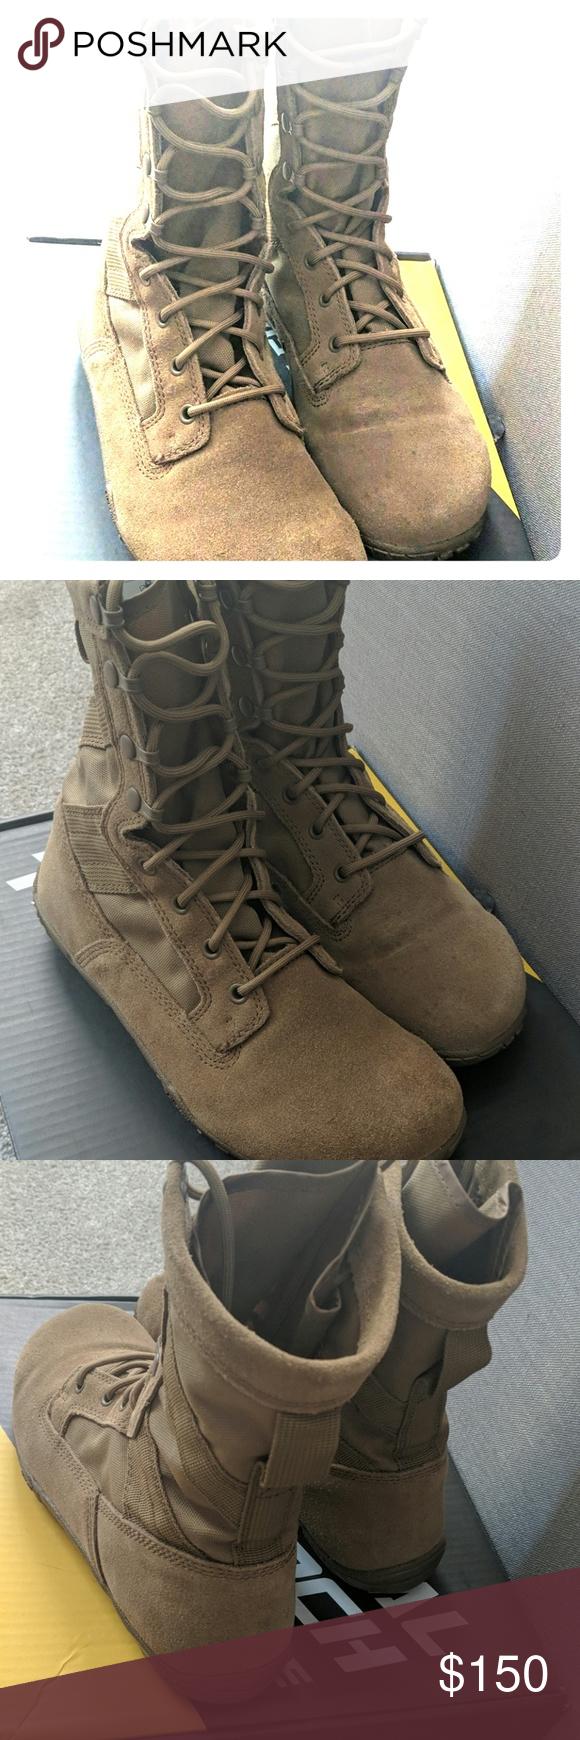 Belleville Tr105 Tactical Research Coyote Boots Shoe Boots Belleville